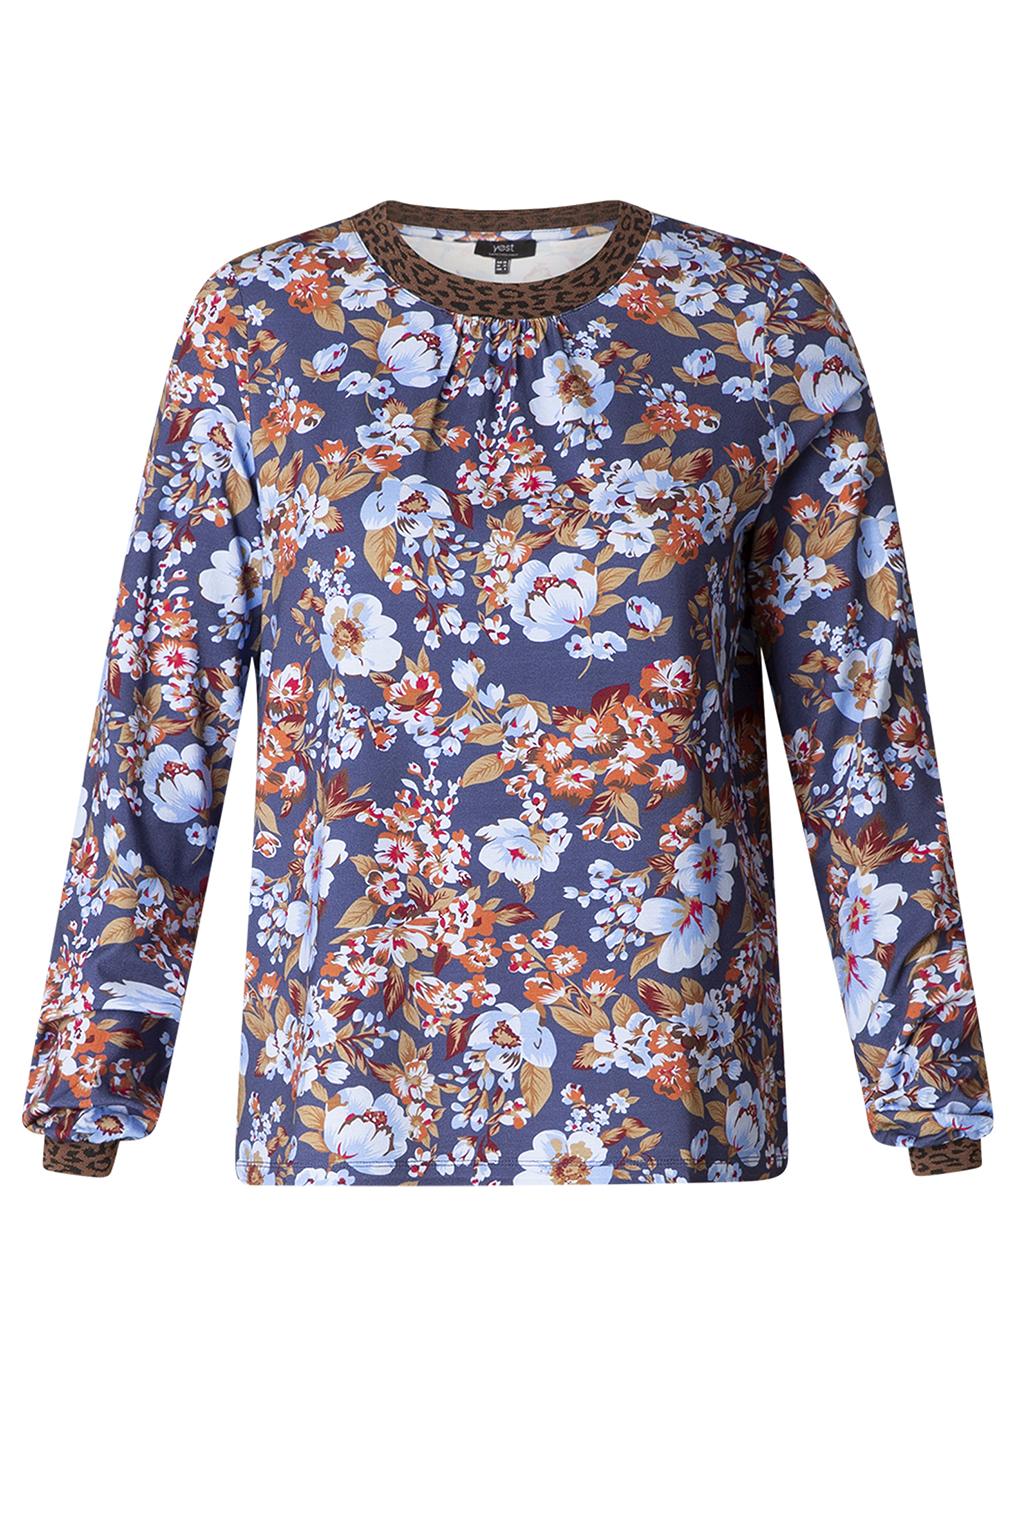 Shirt Yesta 75 cm